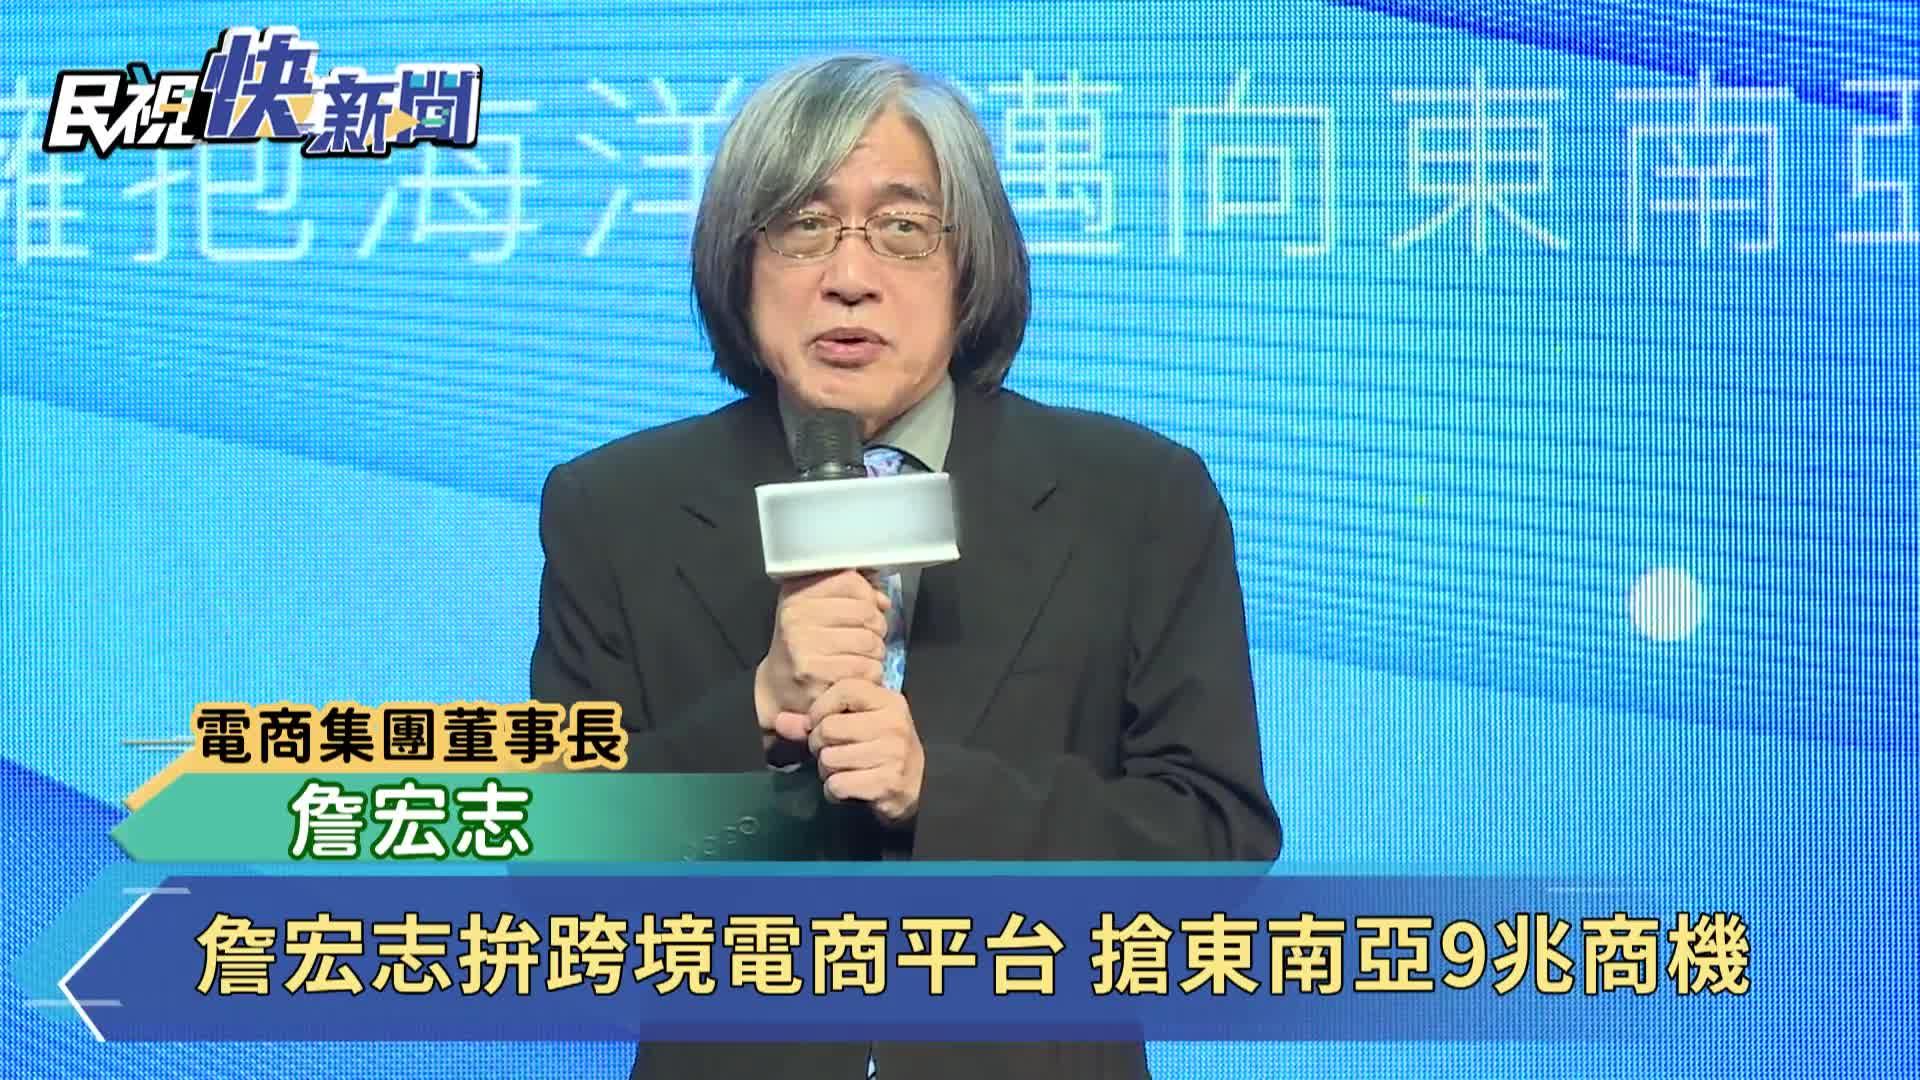 搶9兆商機!詹宏志拚跨境電商平台 進軍東南亞